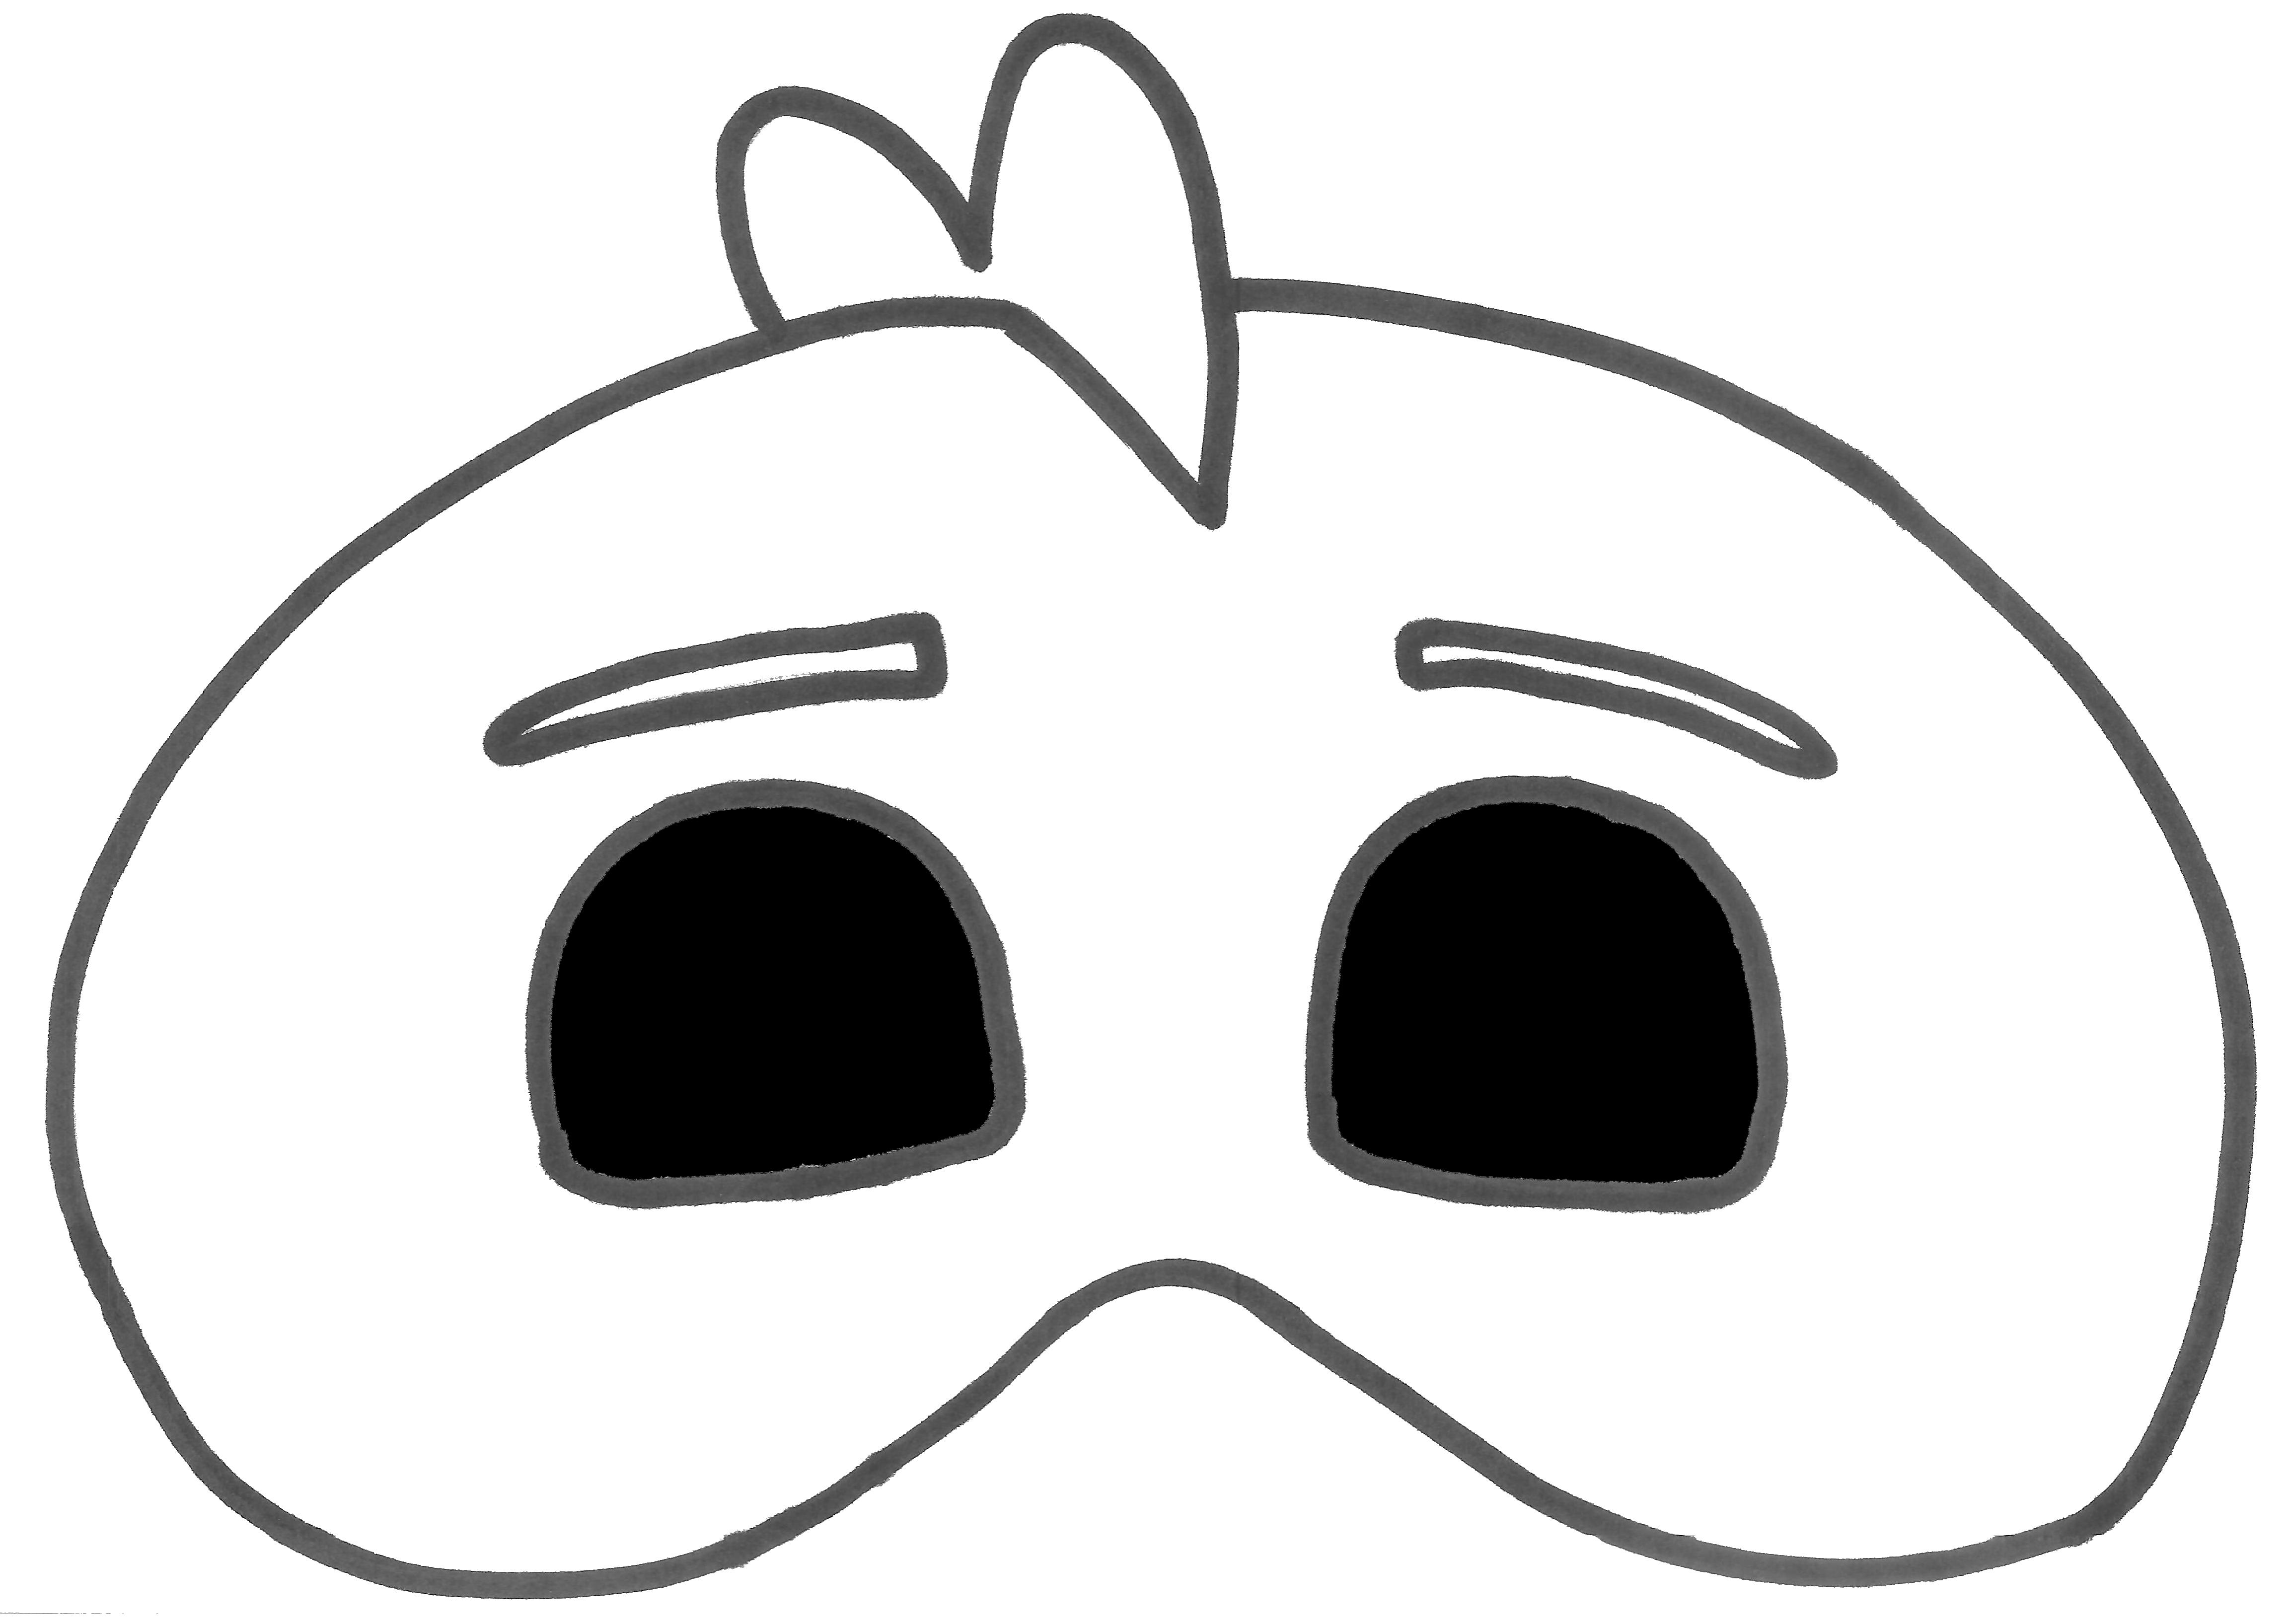 Printable Gekko Mask With Transparent Background Idee Per Il Compleanno Modello Di Fiore Maschere